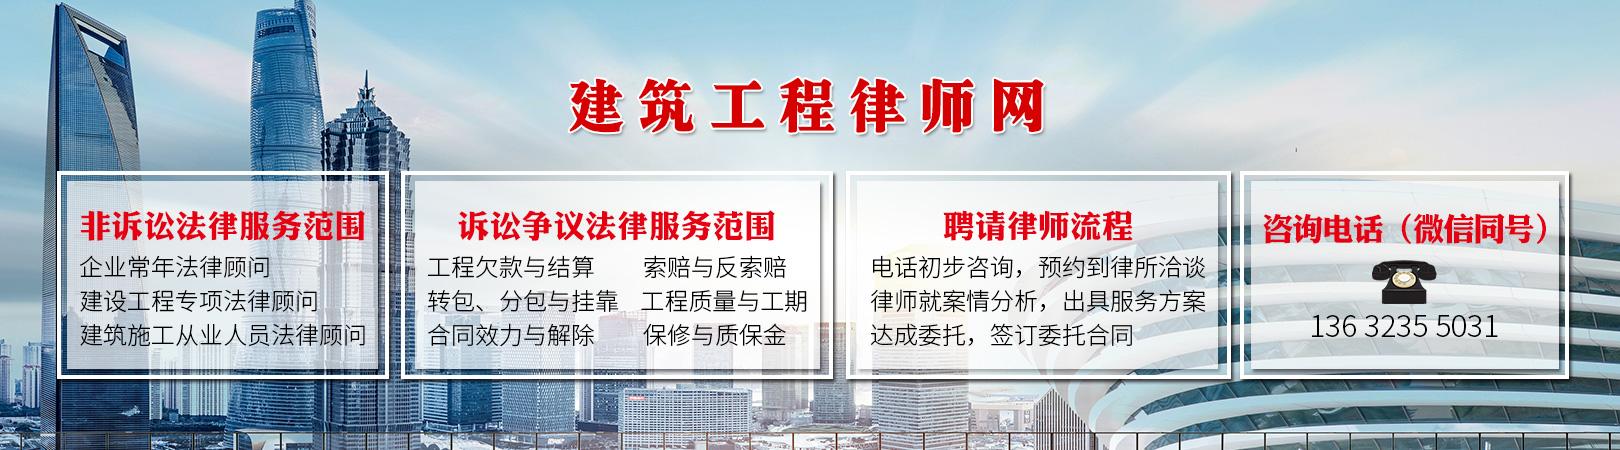 广州房屋买卖合同律师